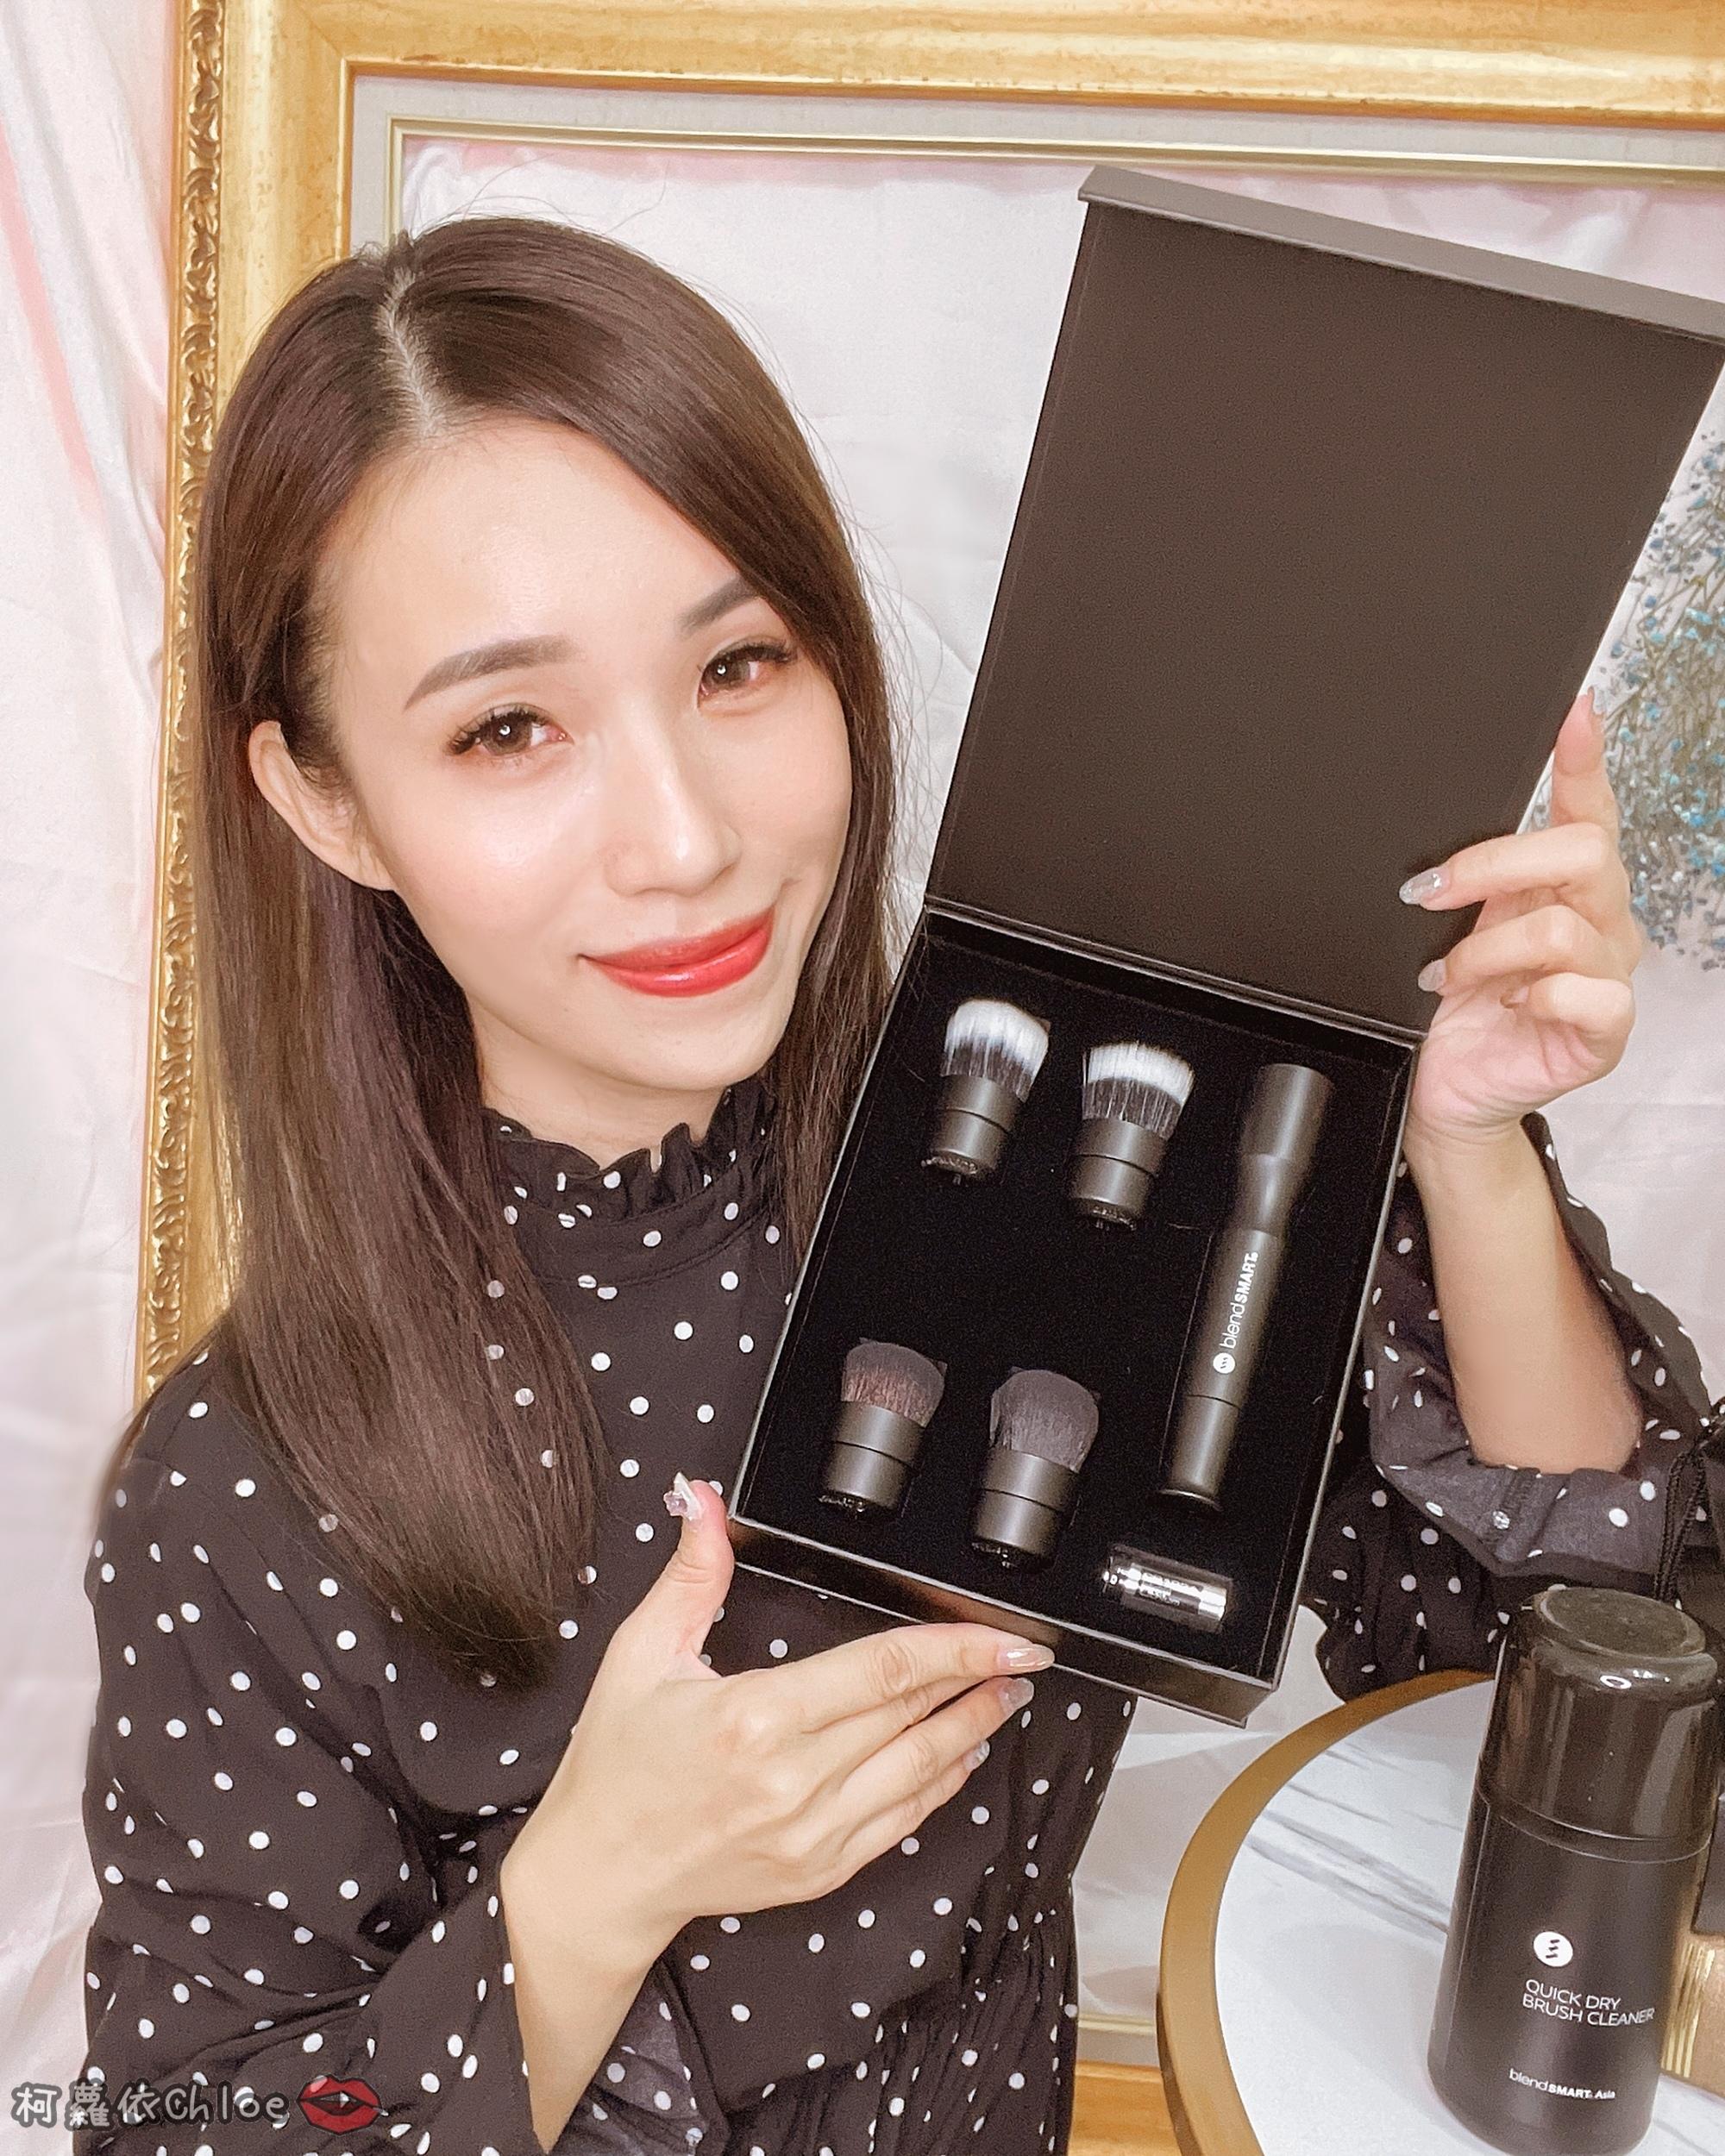 彩妝工具推薦 blendSMART電動化妝刷 達人套裝開箱 上妝輕柔更有效率4.jpg